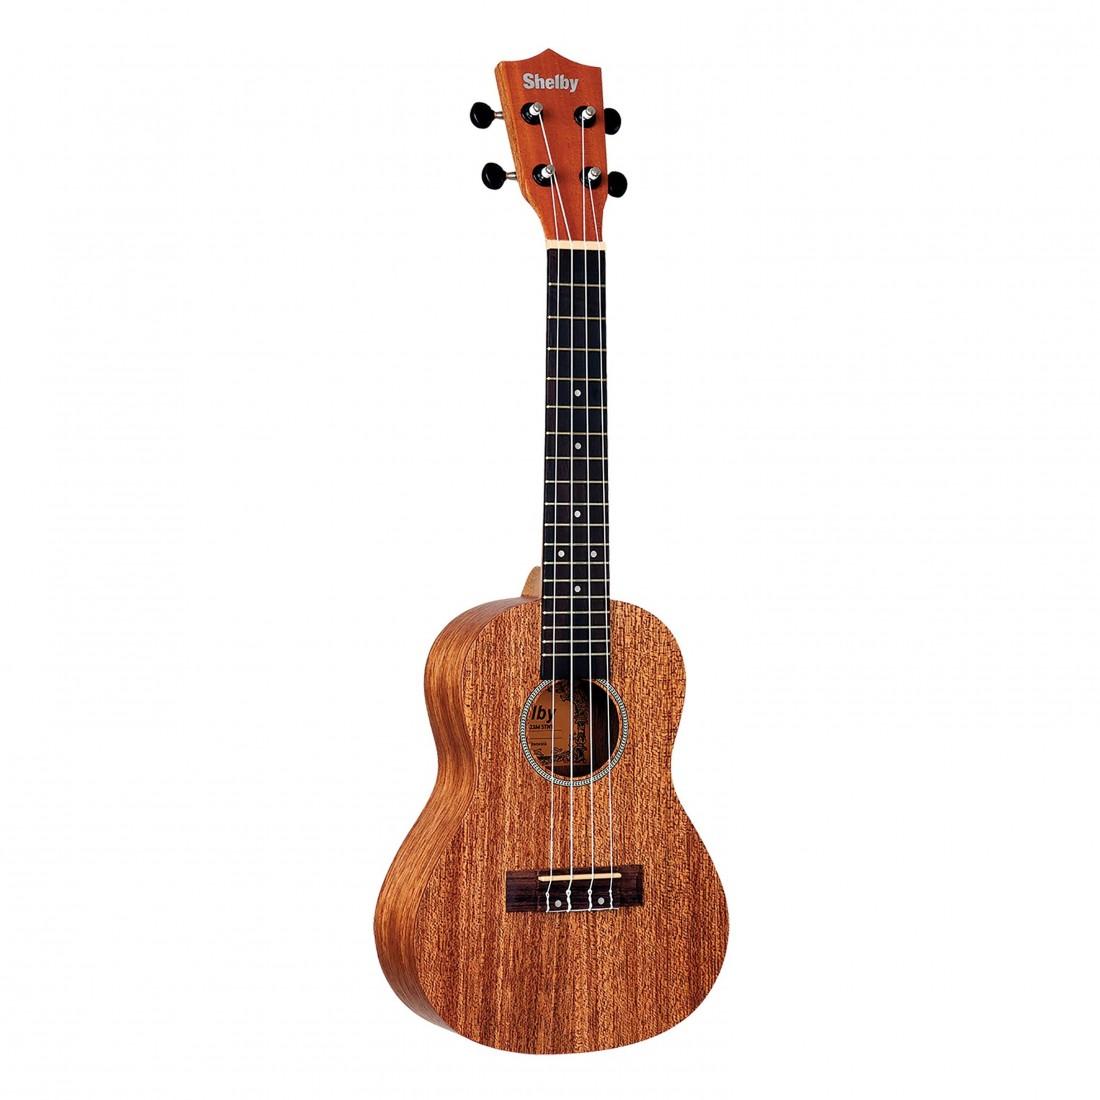 Imagem do produto Ukulele Shelby Concerto SU23M